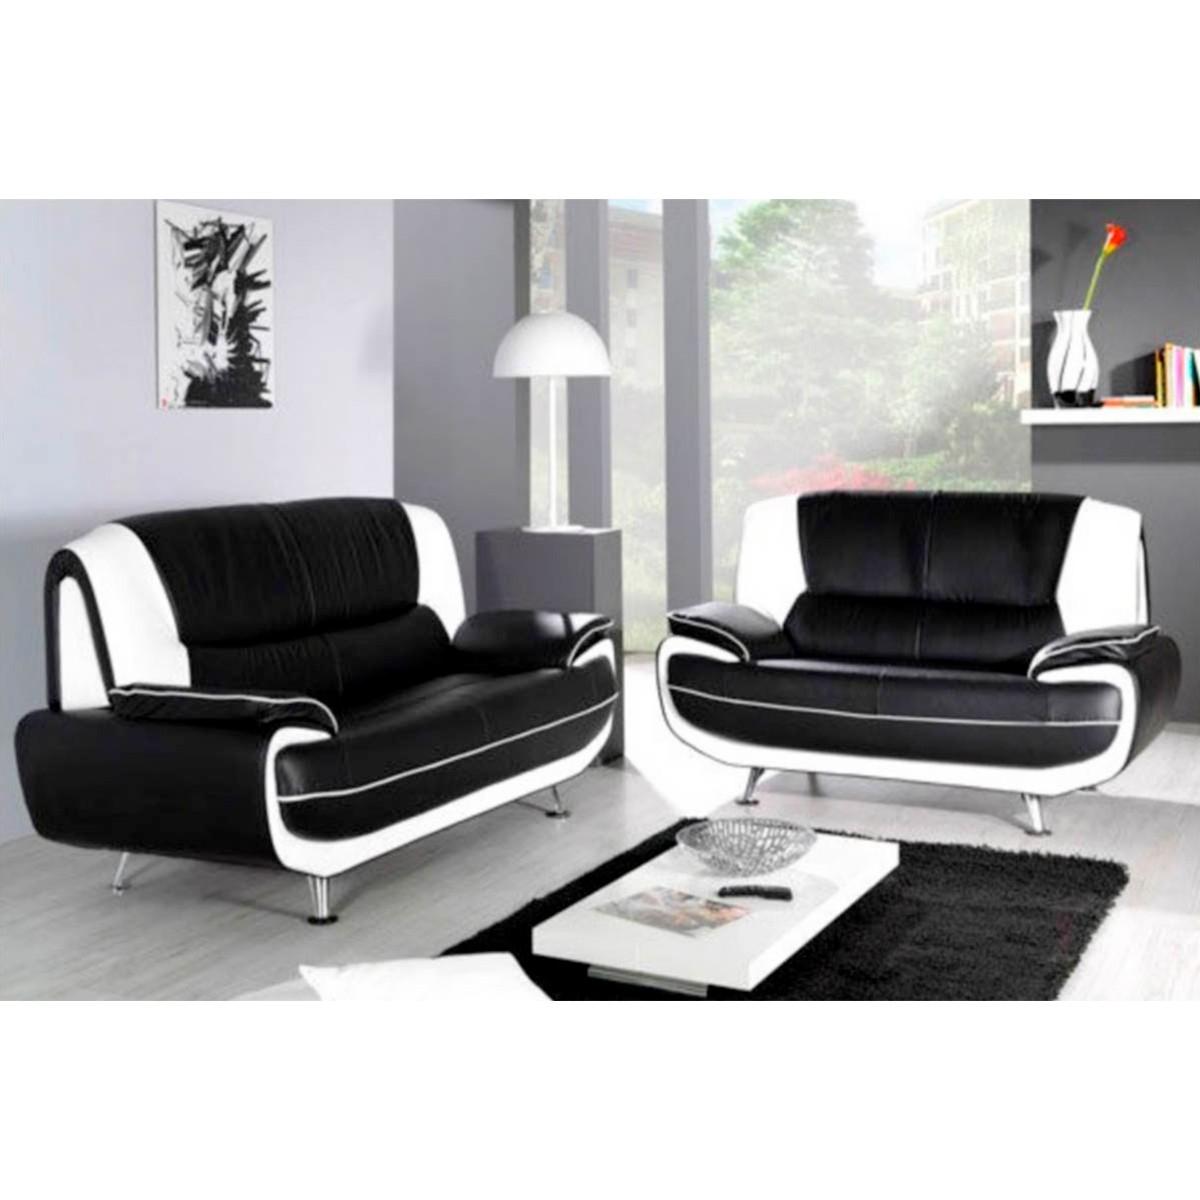 Canapé 3 places et 2 places PVC noir et blanc Palermo